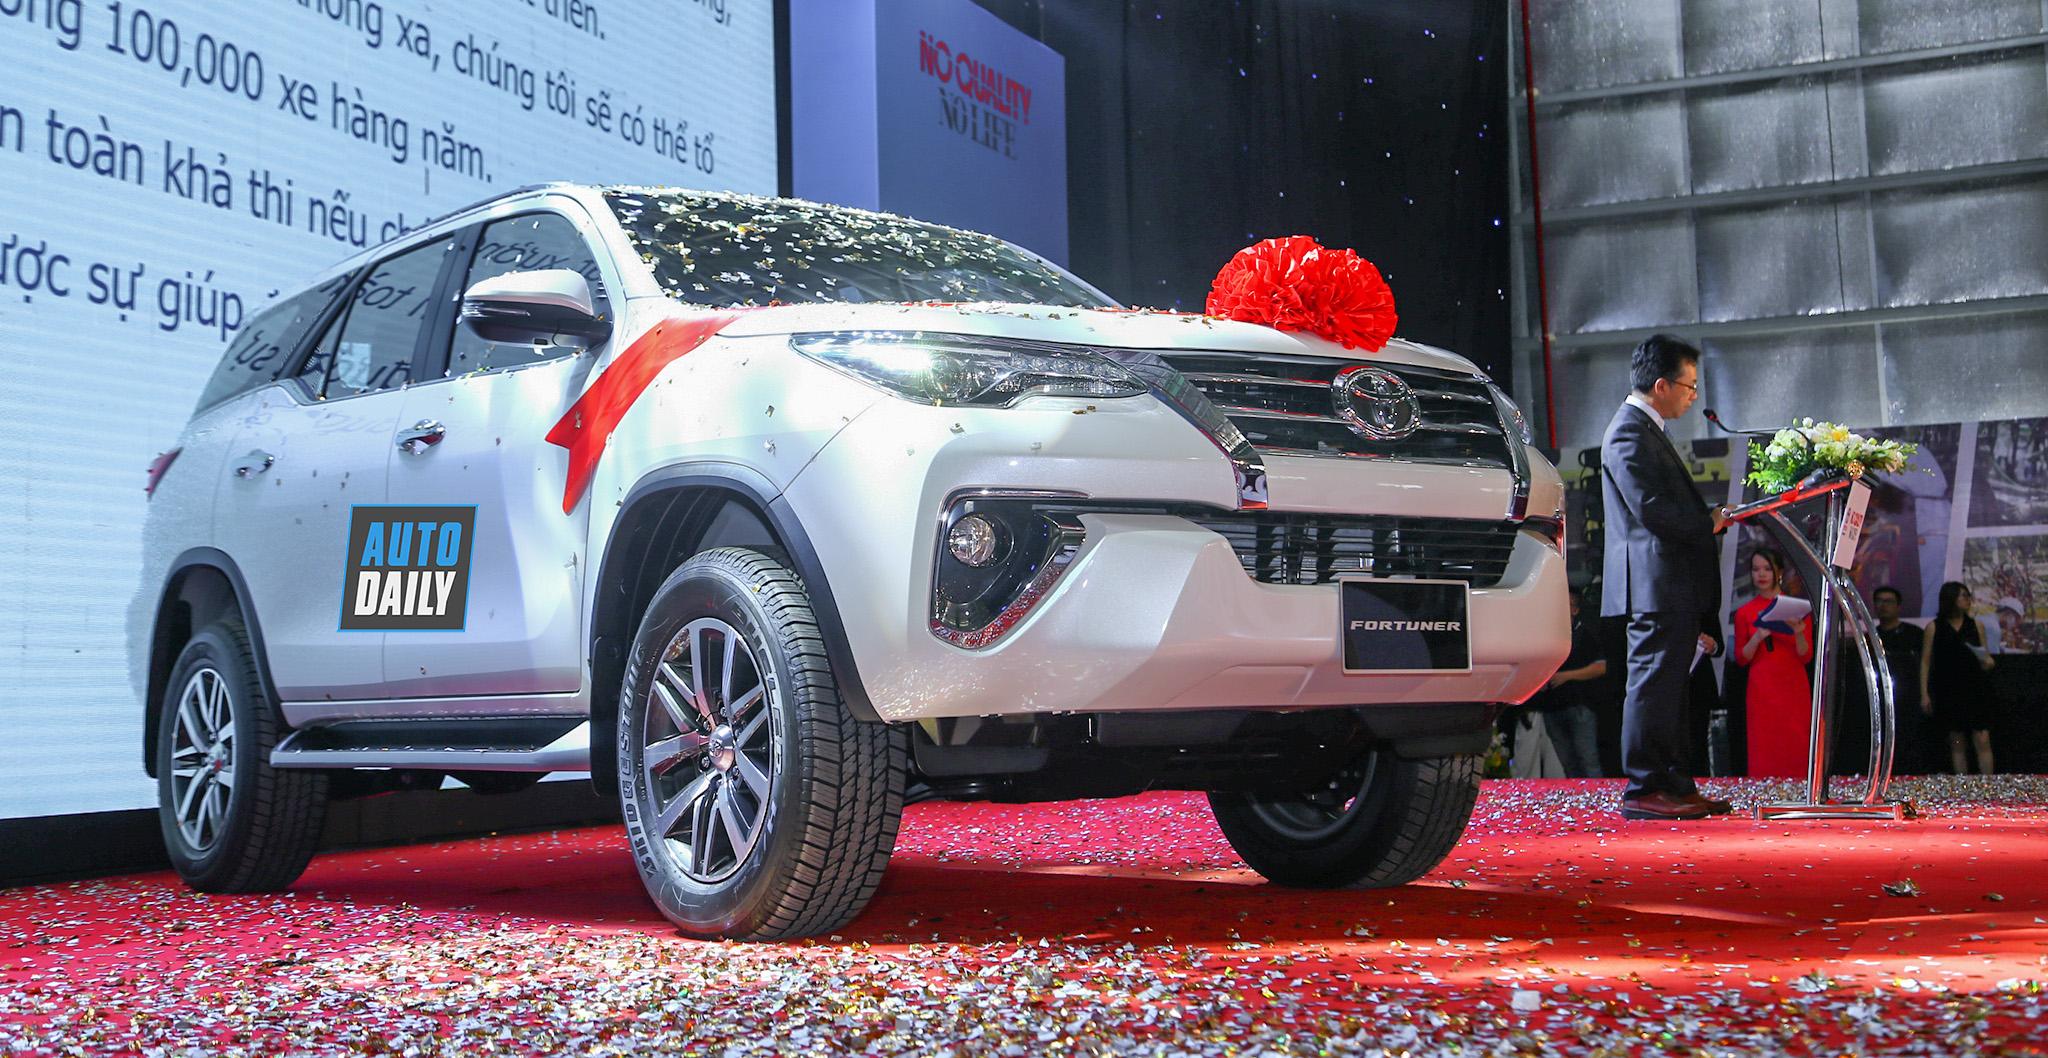 Toyota Fortuner lắp ráp trong nước ra mắt tại Việt Nam, giá từ 1,033 tỷ